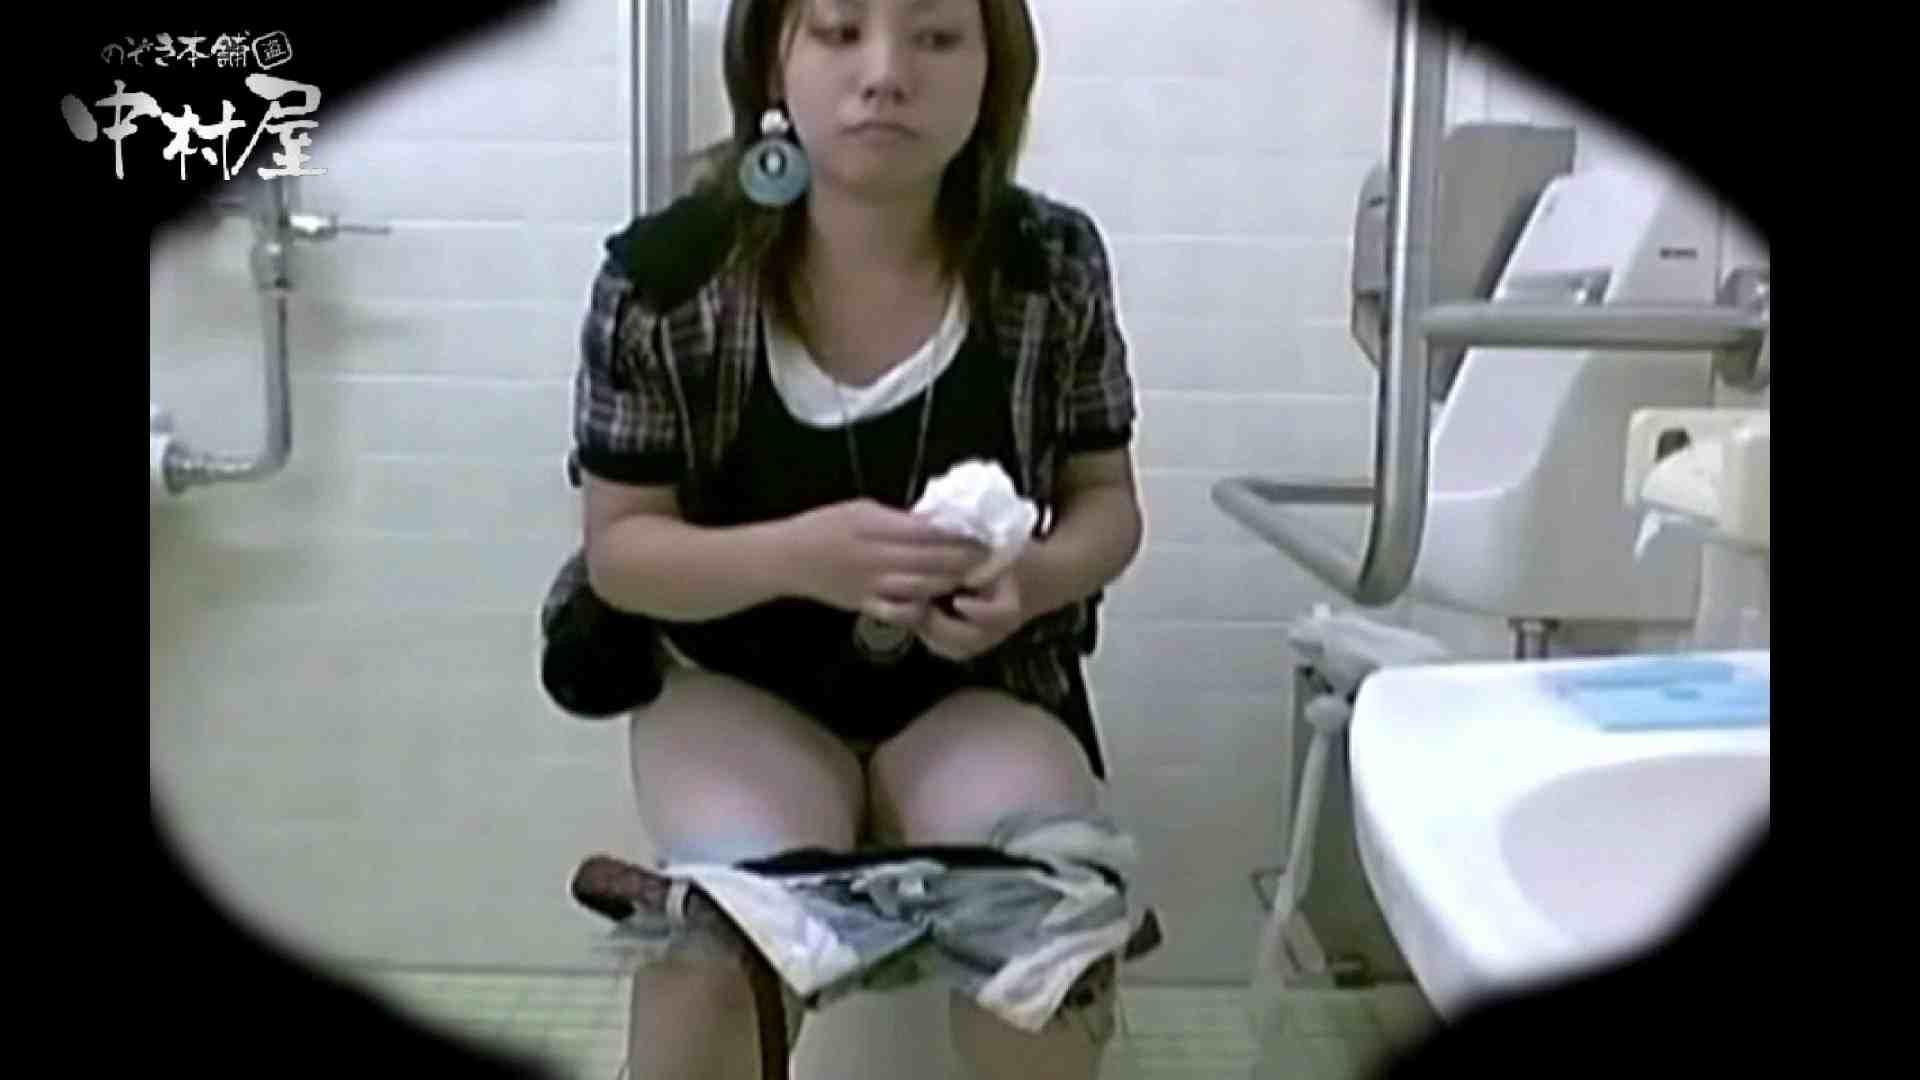 teen galトイレ覗き紙がナイ編‼vol.08 トイレ セックス画像 93PIX 83